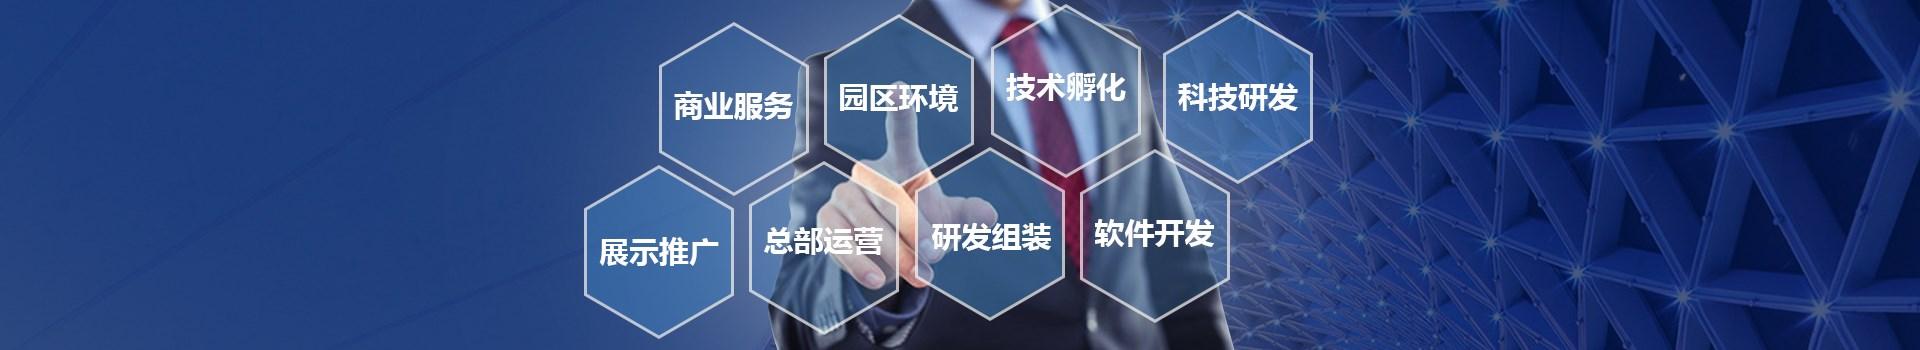 深圳智能科技园技术精湛质量优,就来骏翔实业